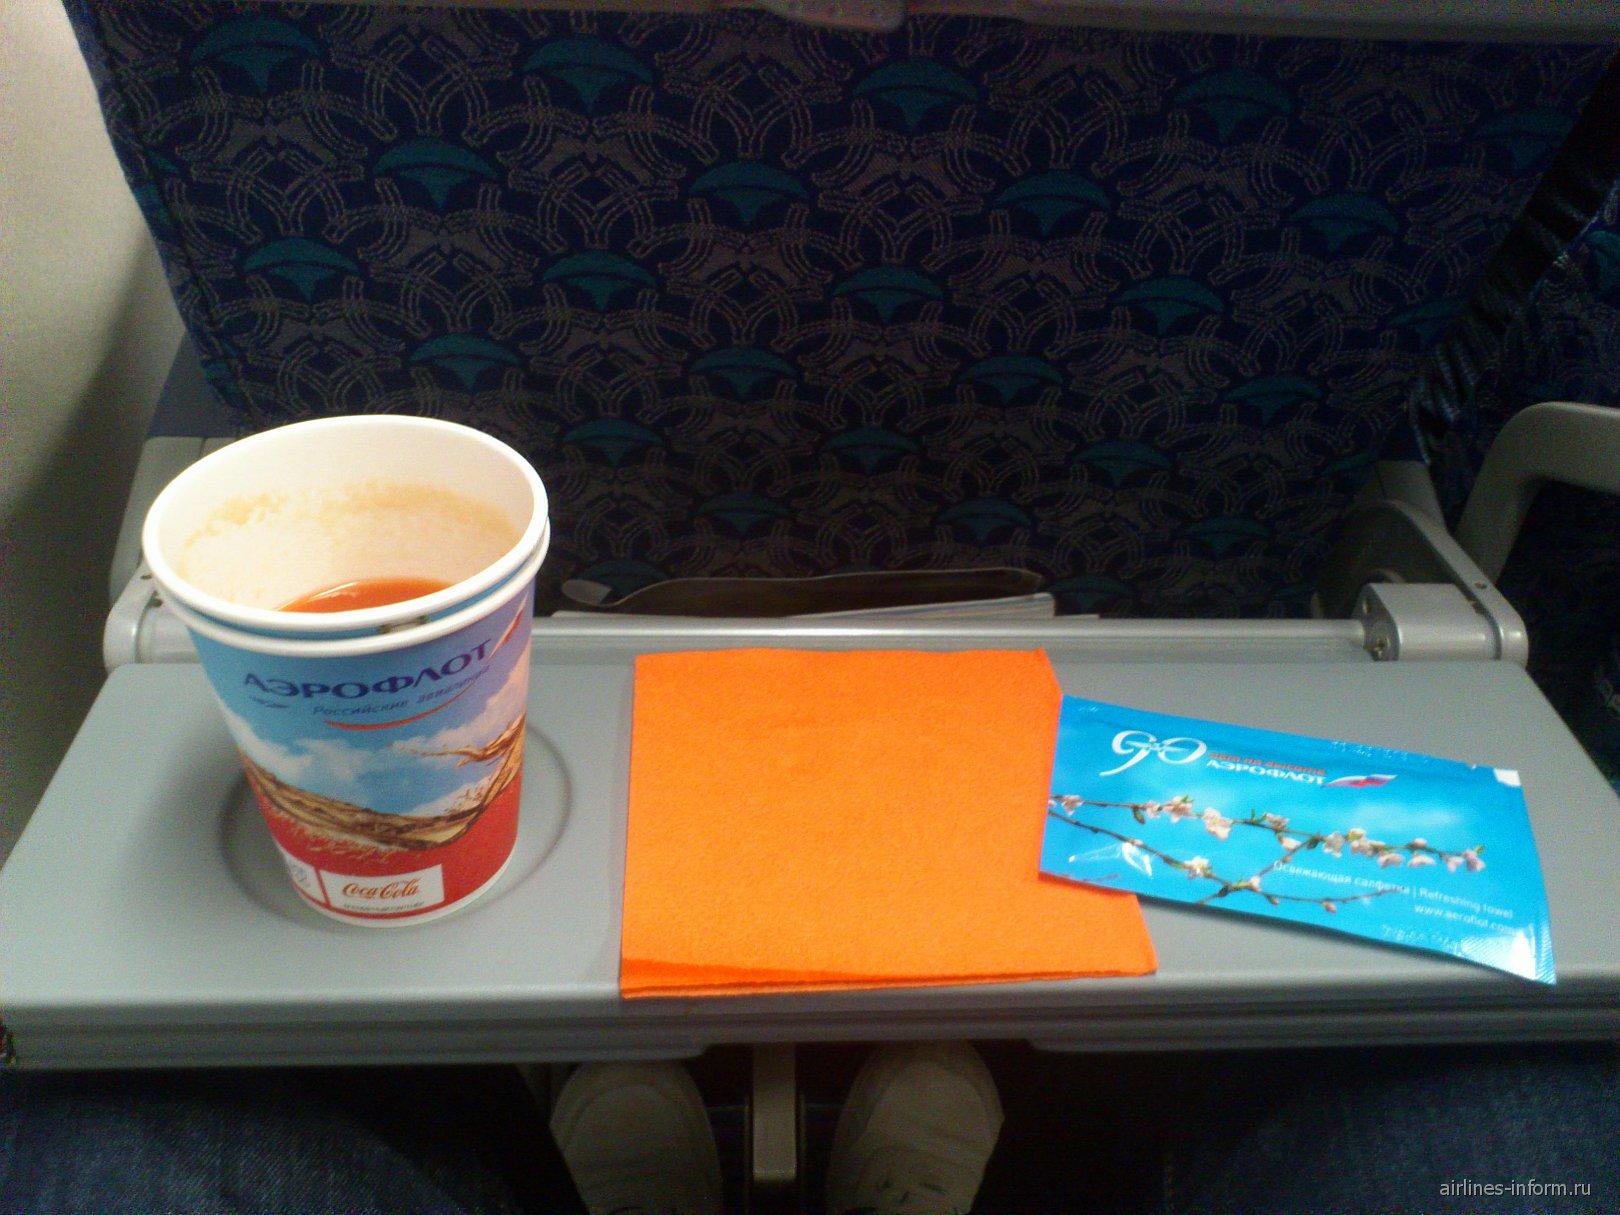 Питание на рейсе Аэрофлота Москва-Тель-Авив